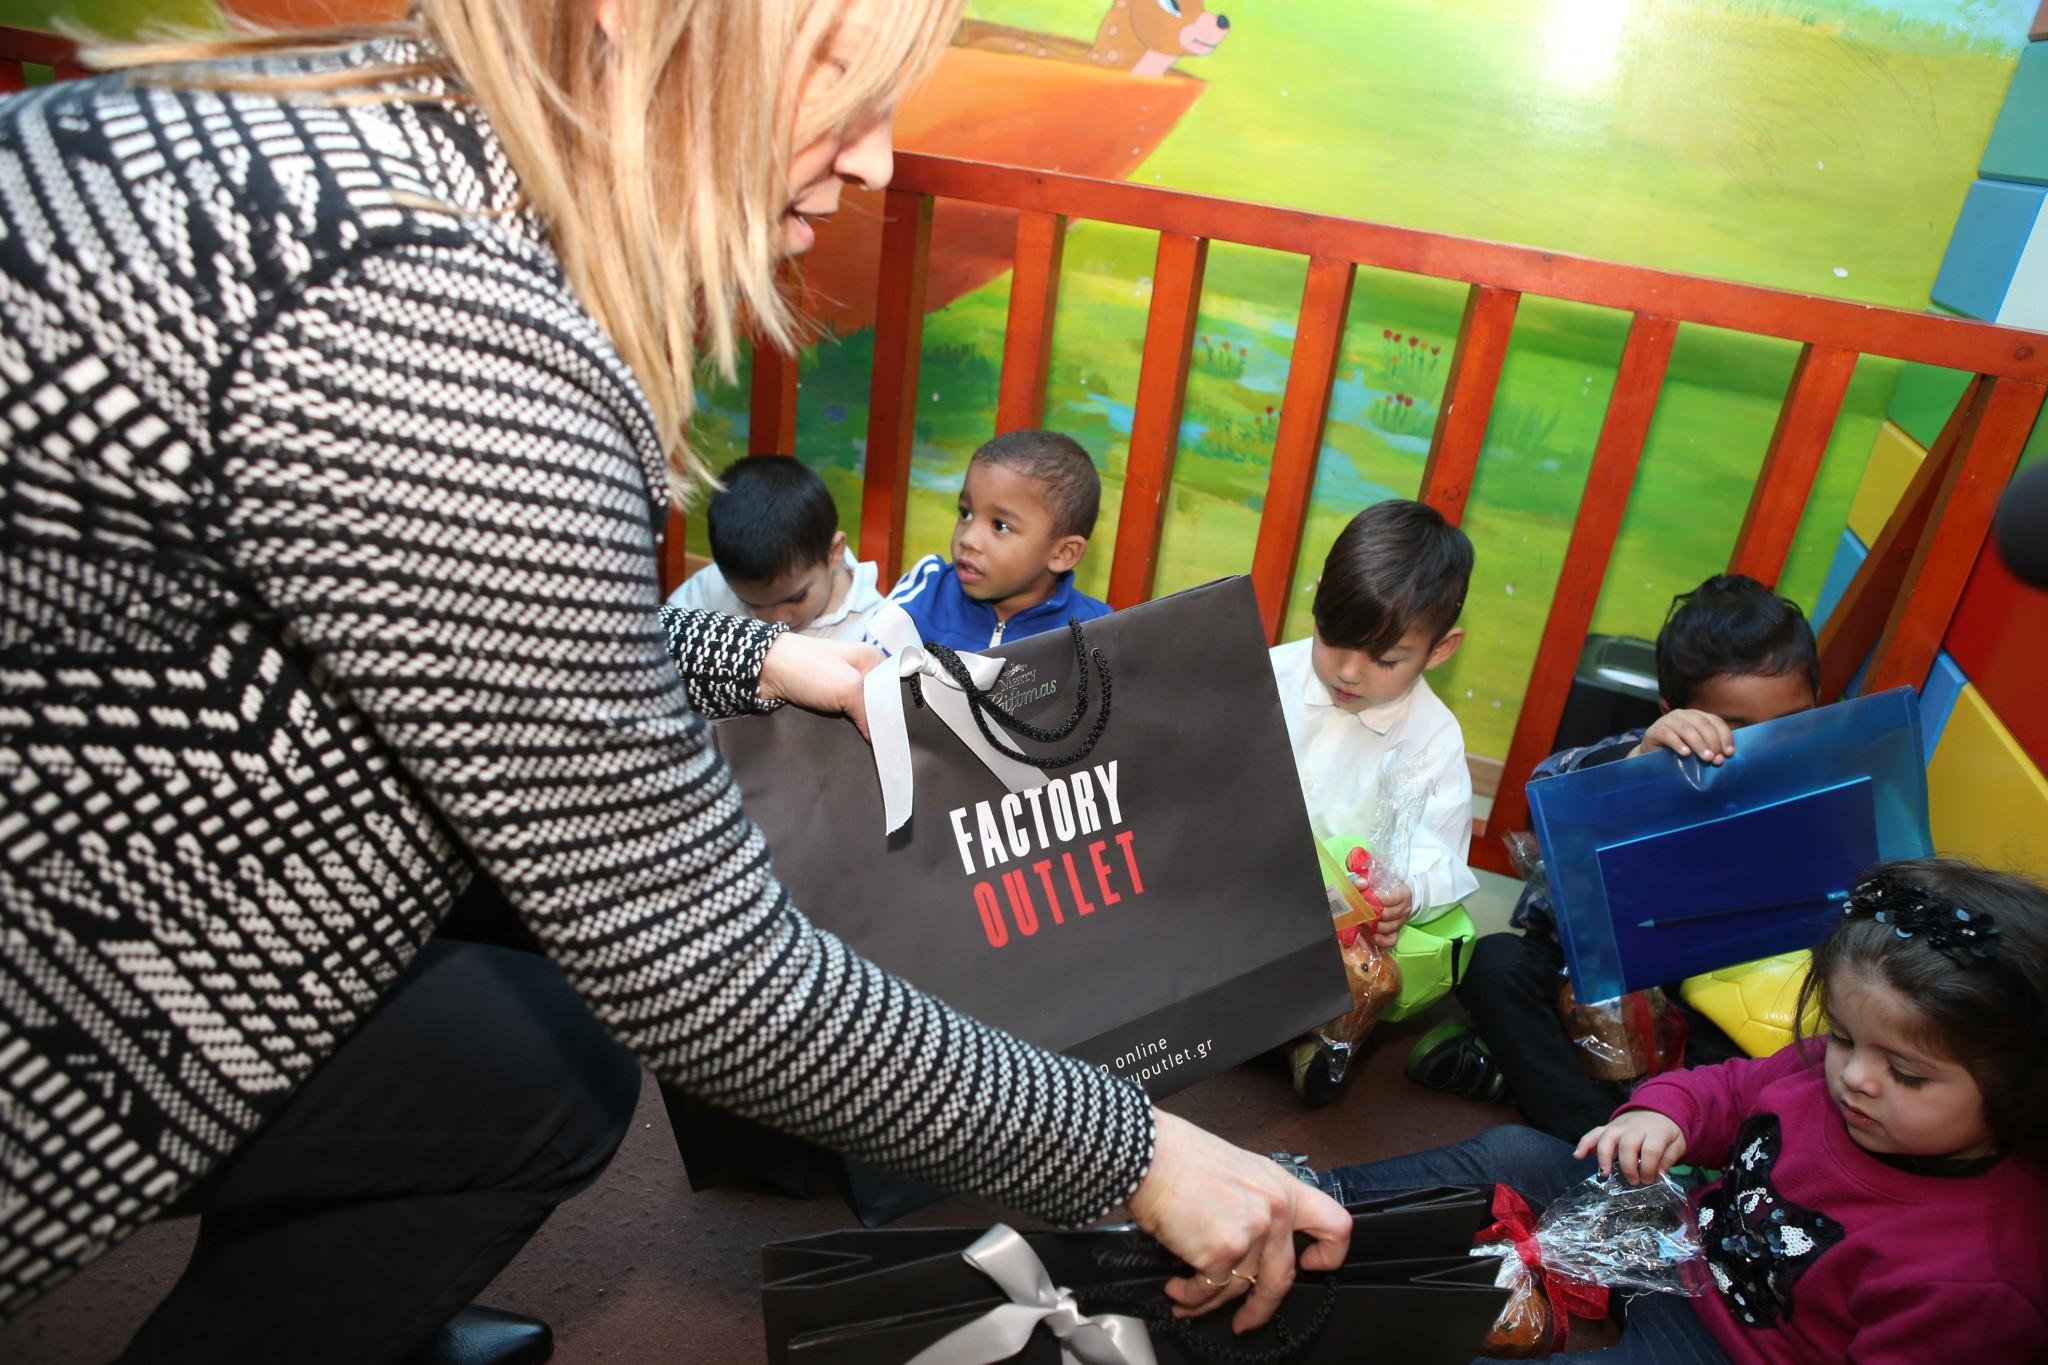 Τα στελέχη του Factory Outlet μοιράζουν δώρα στα παιδιά